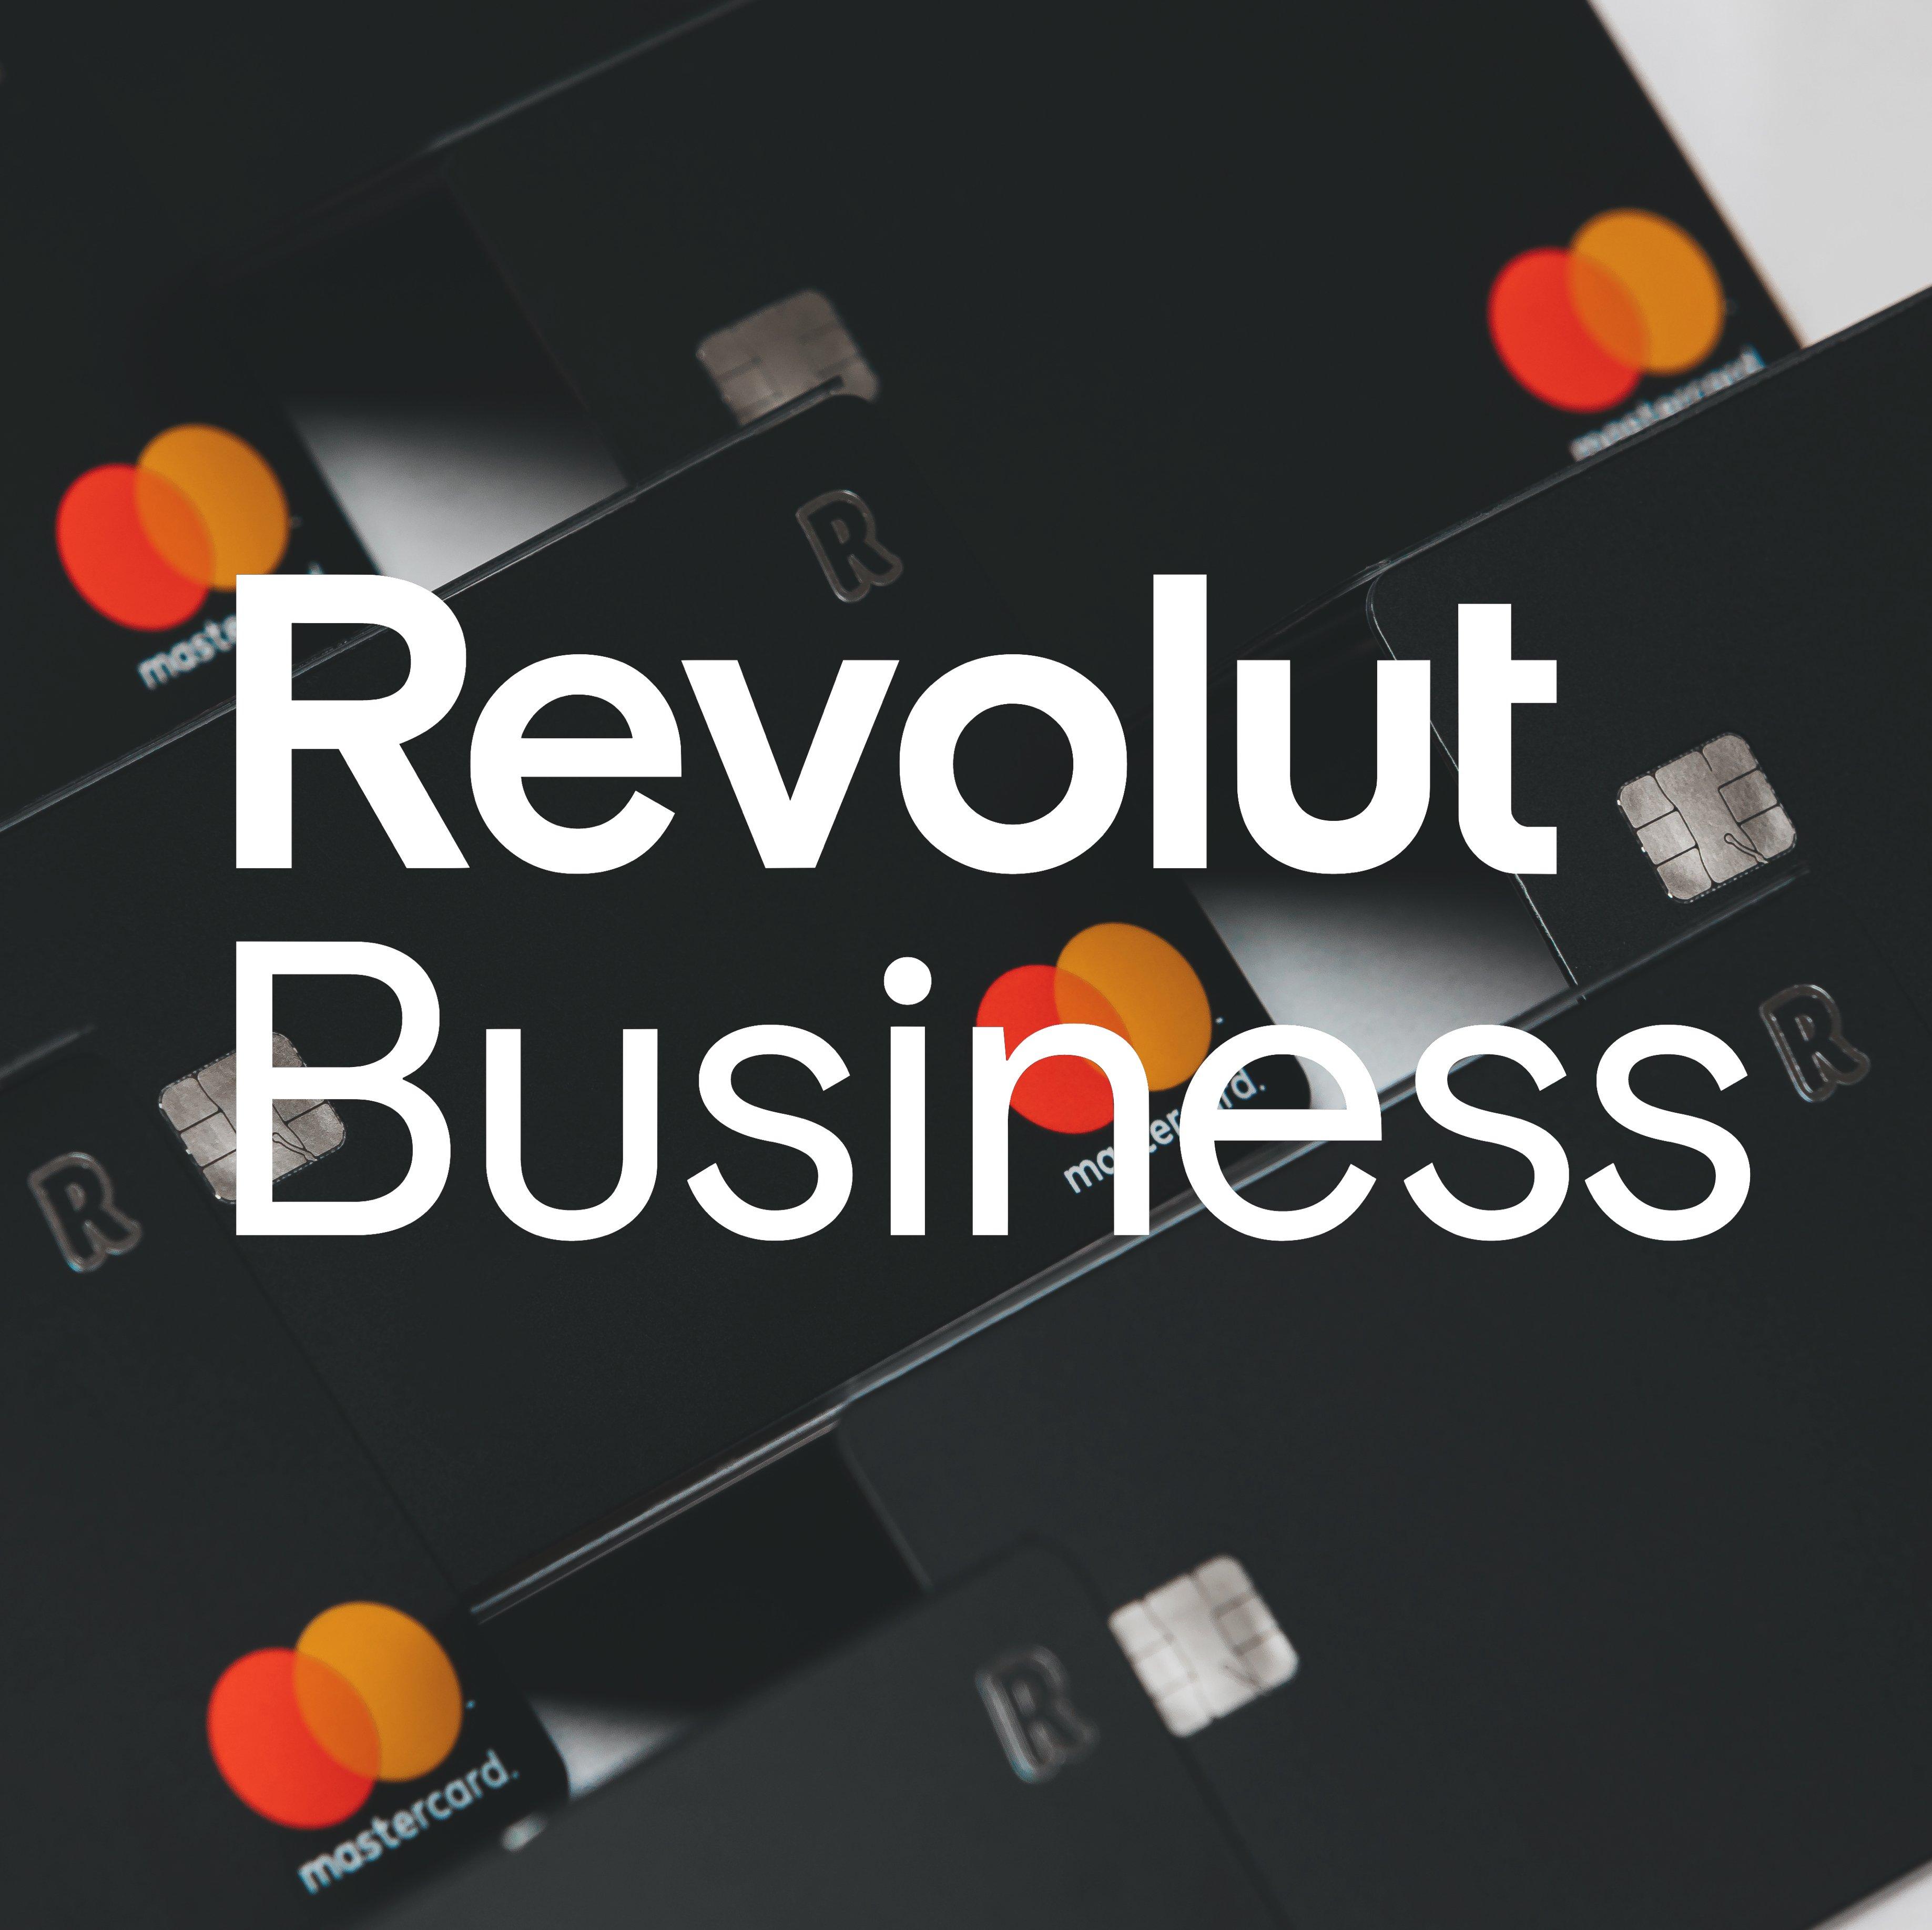 Jusqu'à 150€ offerts pour l'ouverture d'un compte Revolut Business - Ex : 30€ offerts à l'ouverture d'un compte Freelancer gratuit